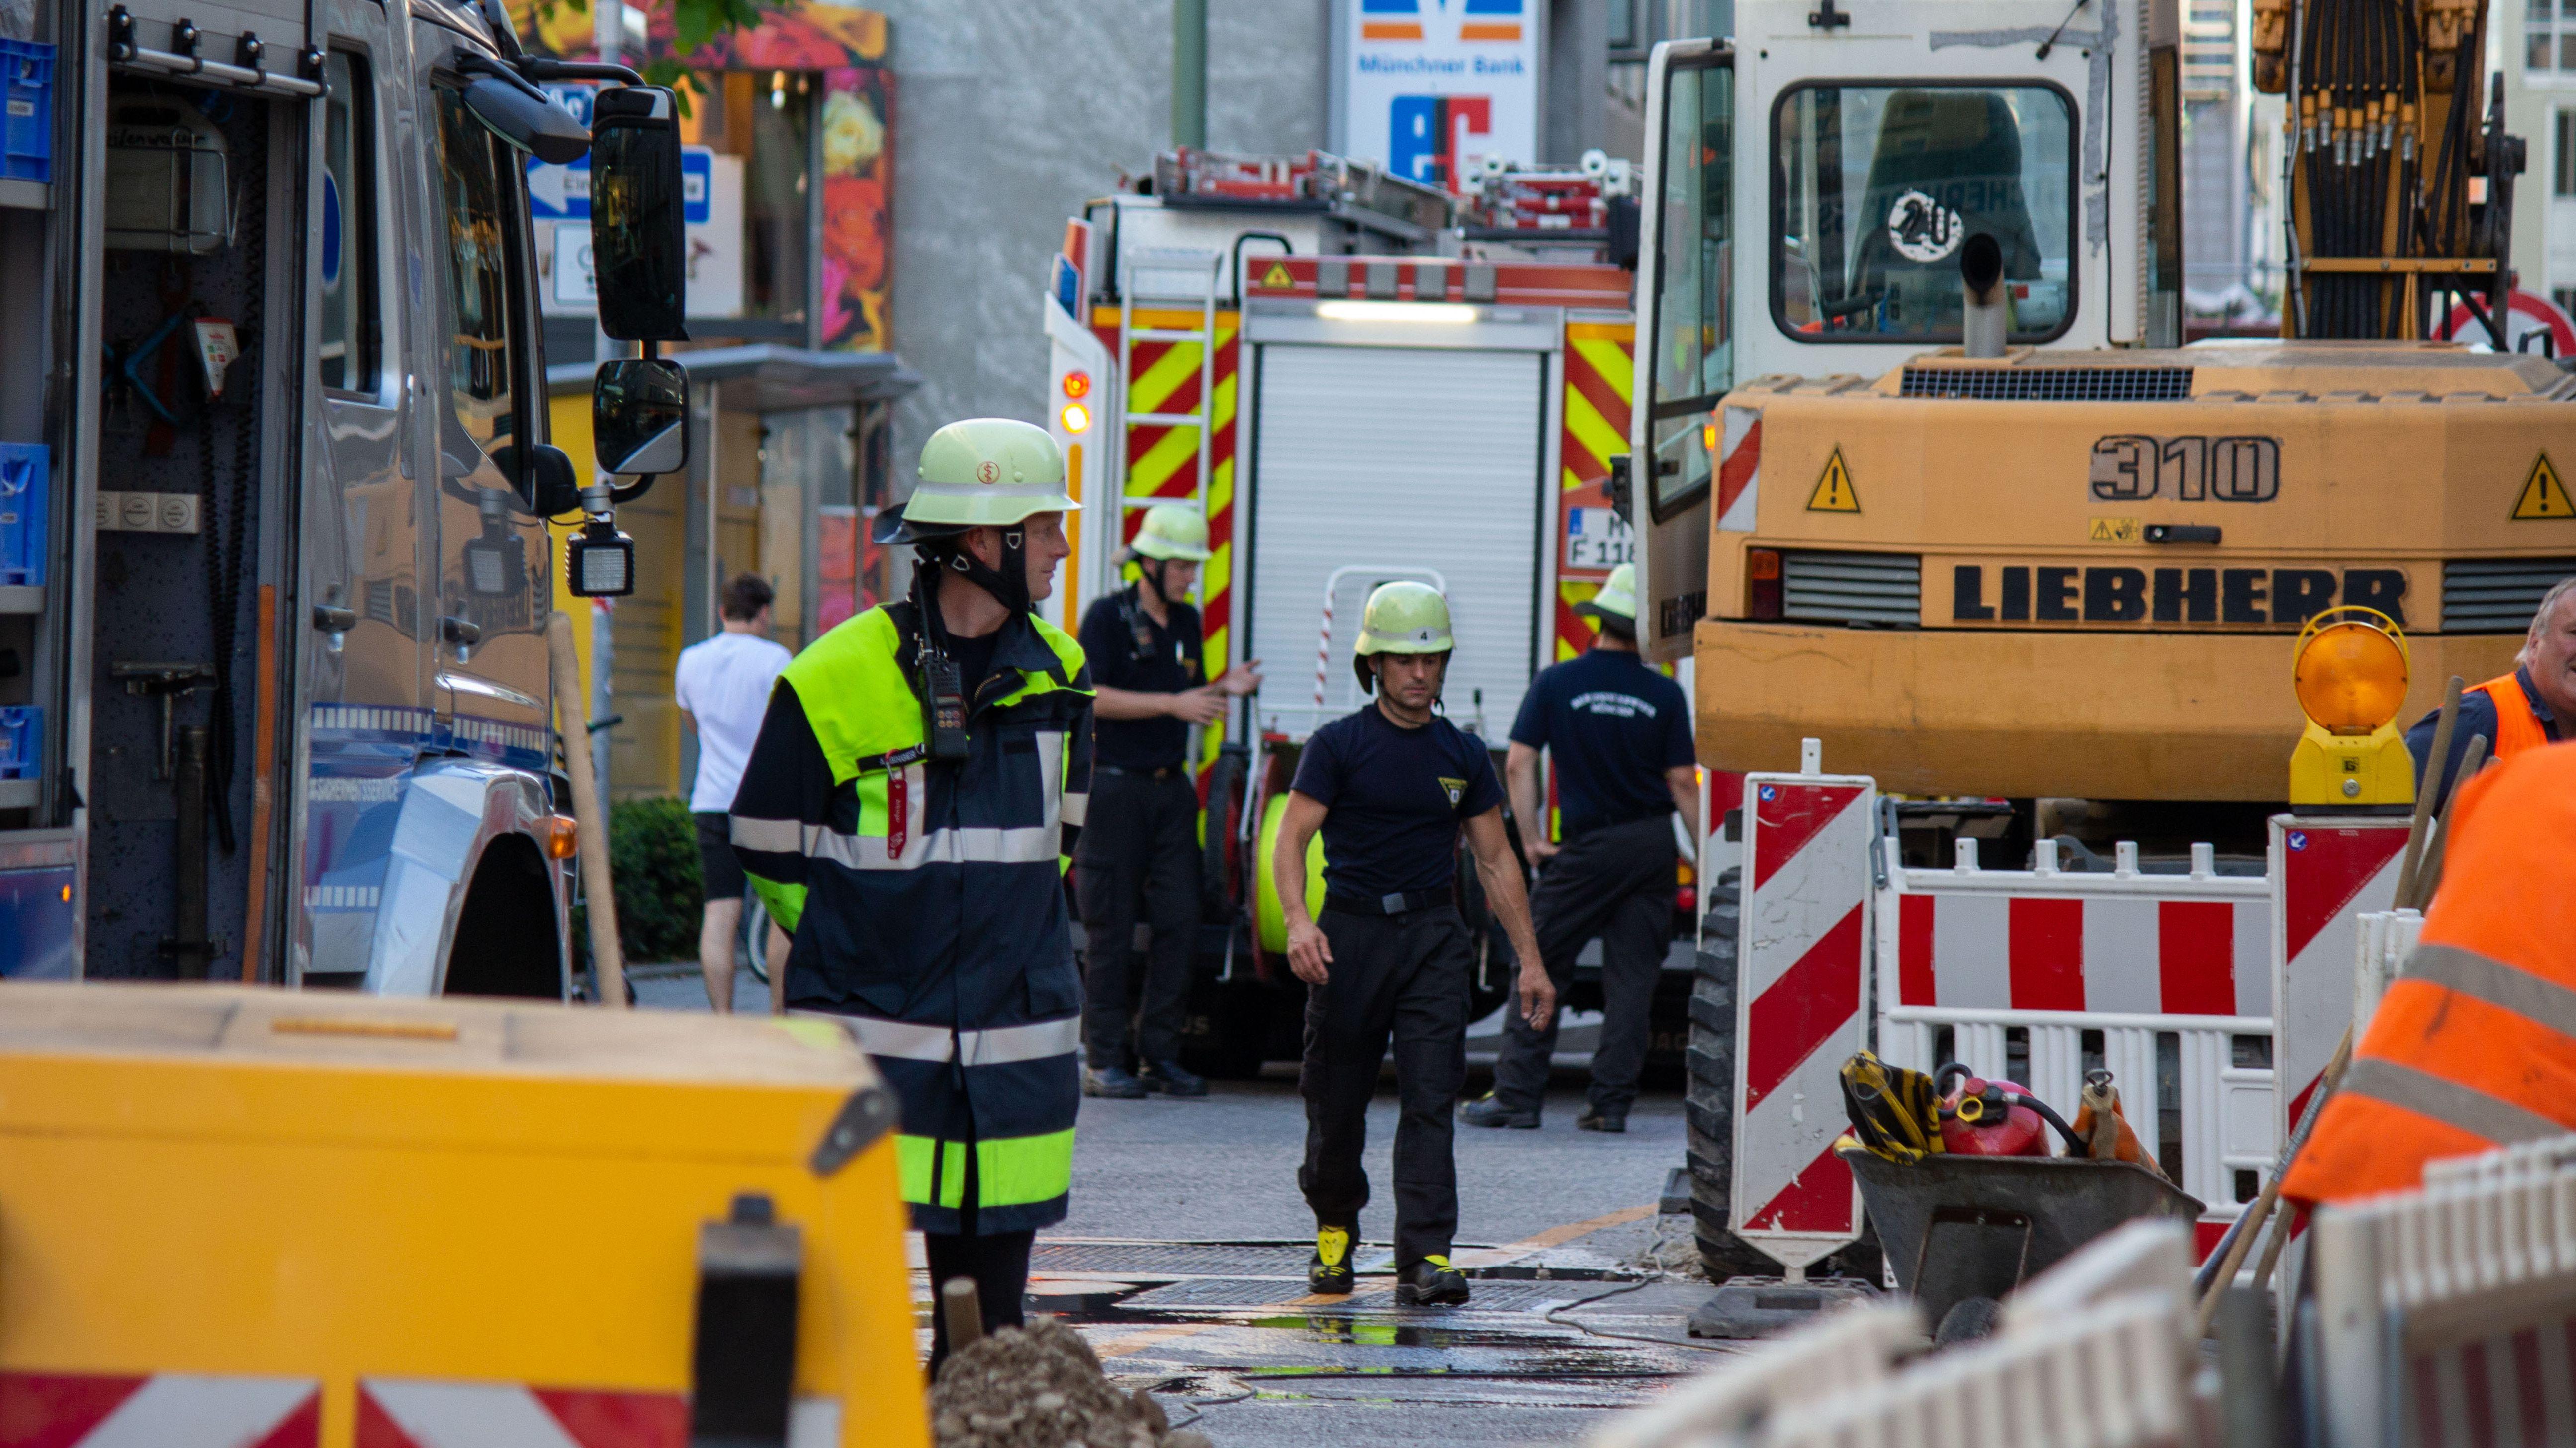 Feuerwehr-Einsatz nach Gasalarm in München